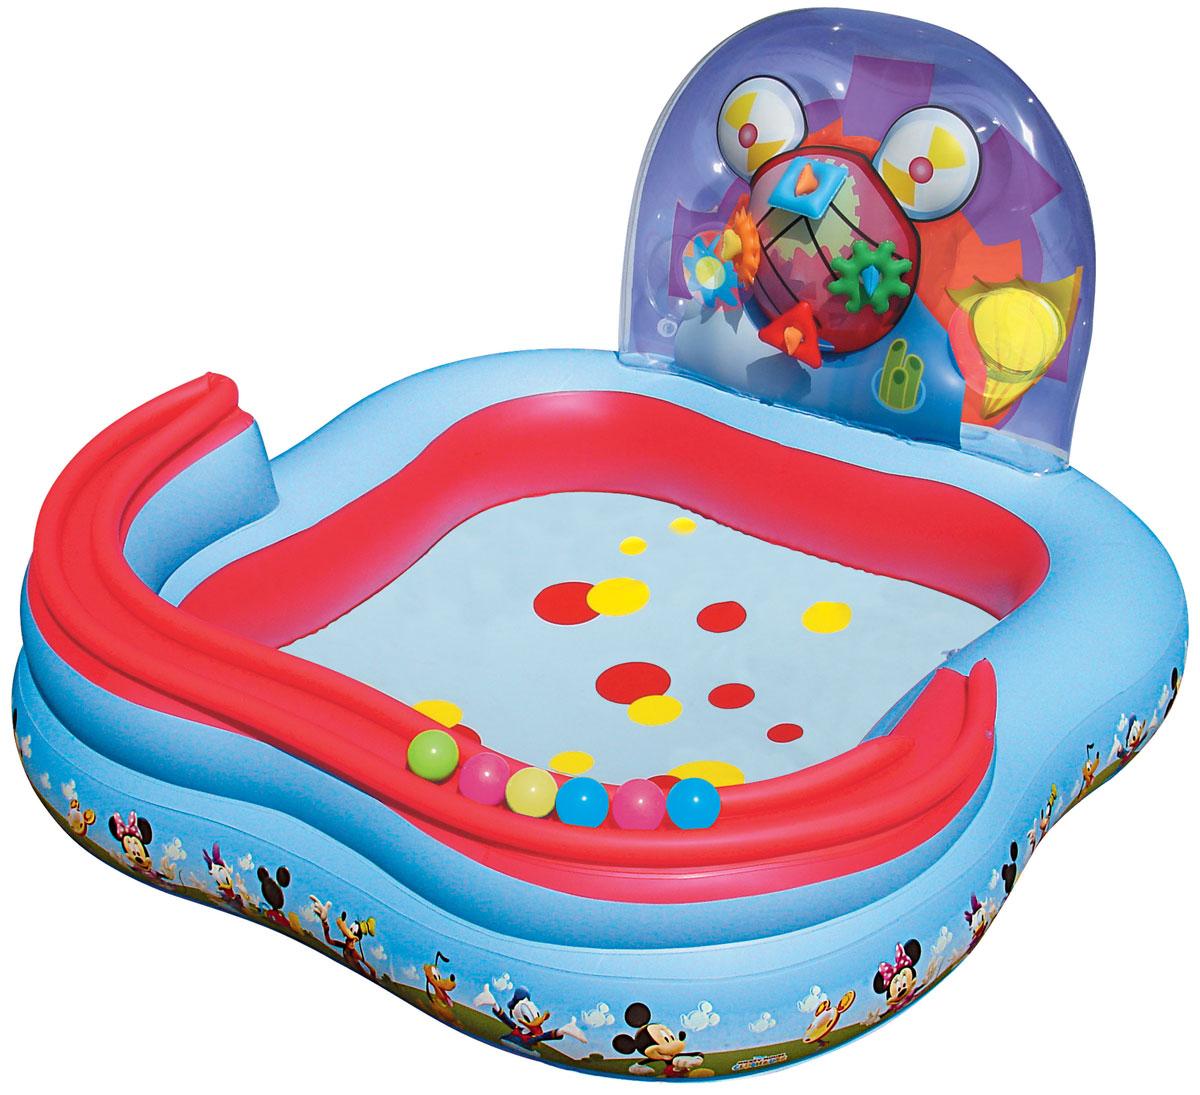 Bestway Игровой бассейн, с принадлежностями для игр. 91015B91015BДетский надувной игровой бассейн Bestway Mickey Mouse ClubHouse - идеальное летнее развлечение, которое надолго завладеет вниманием ребенка.Бассейн изготовлен из прочного и испытанного винила, имеет предохранительные клапаны. В комплект к бассейну входят 4 надувных кольца, 6 мячей для игры, надувная горка для катящихся мячиков. Оформлен бассейн изображениями Микки Мауса и его друзей. Это отличный отдых для всех детей!В комплект также входит специальная заплата для ремонта изделия в случае прокола.Расчетный объем бассейна: 151 литр.